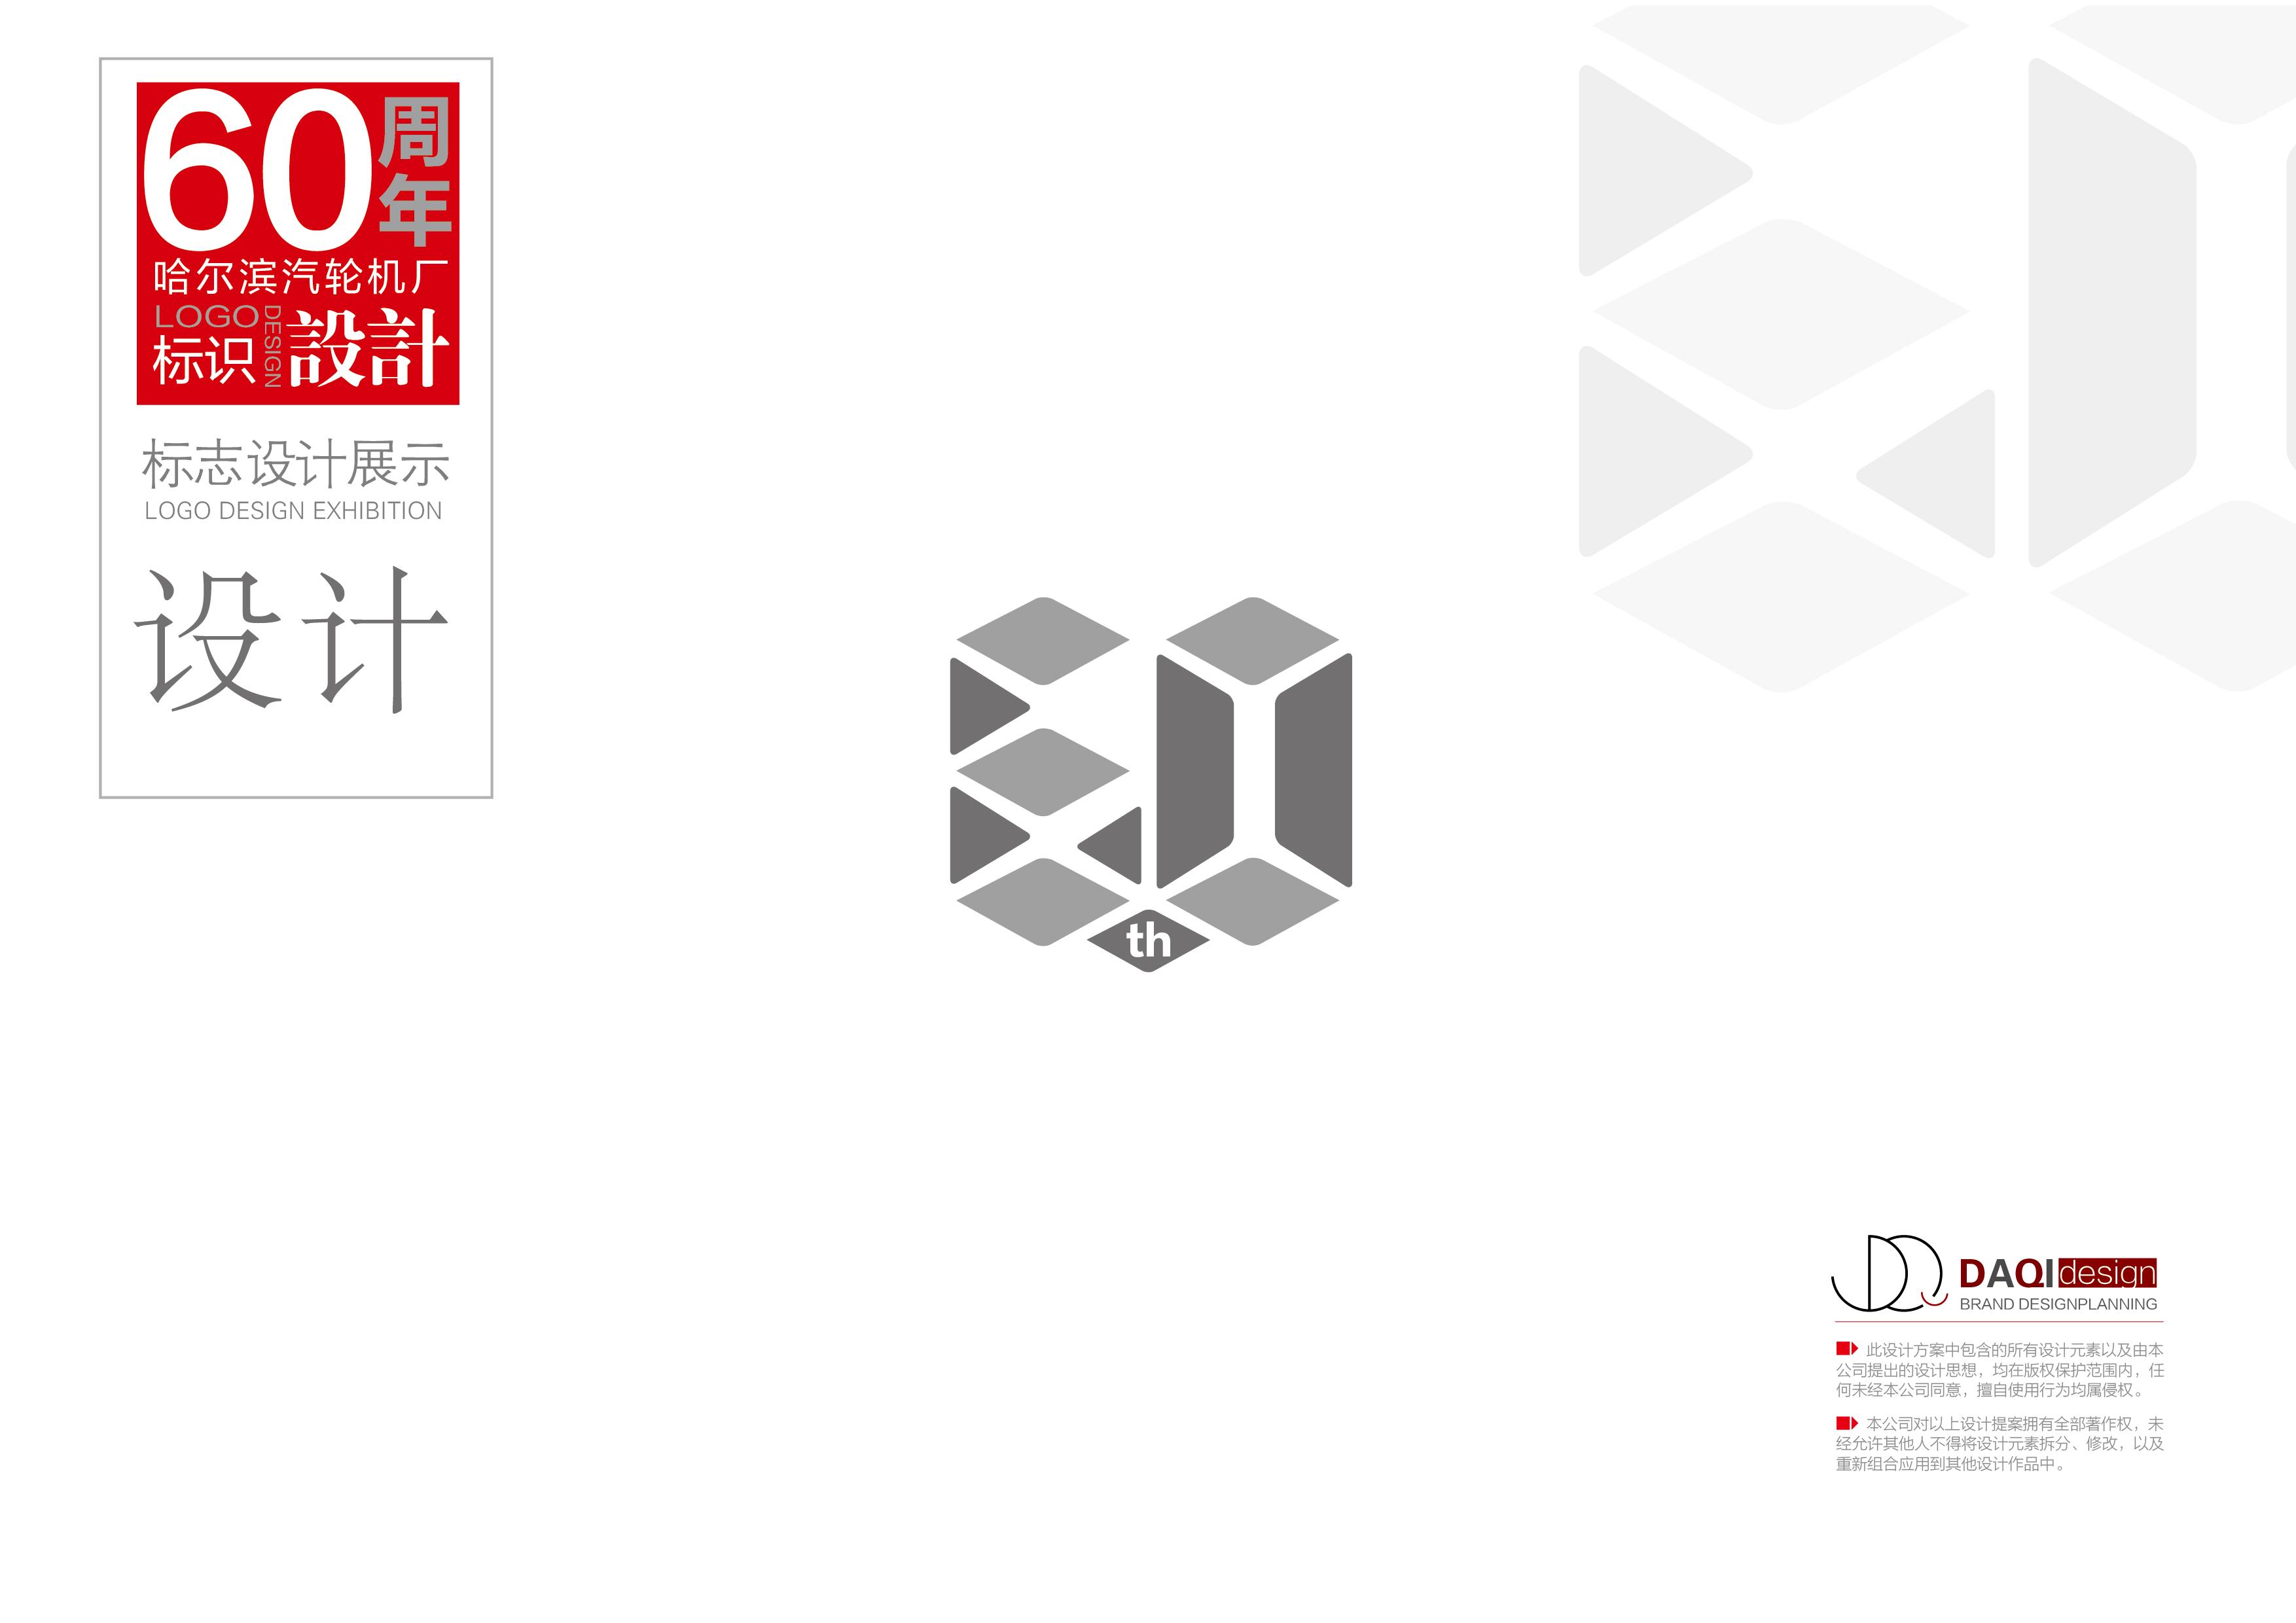 哈尔滨汽轮机厂60周年标志|平面|标志|大齐designer